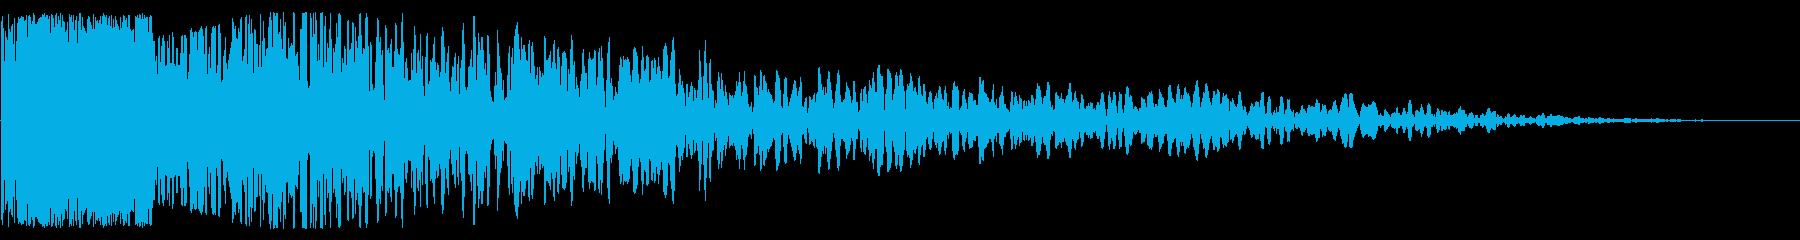 ピンポイント爆発の再生済みの波形